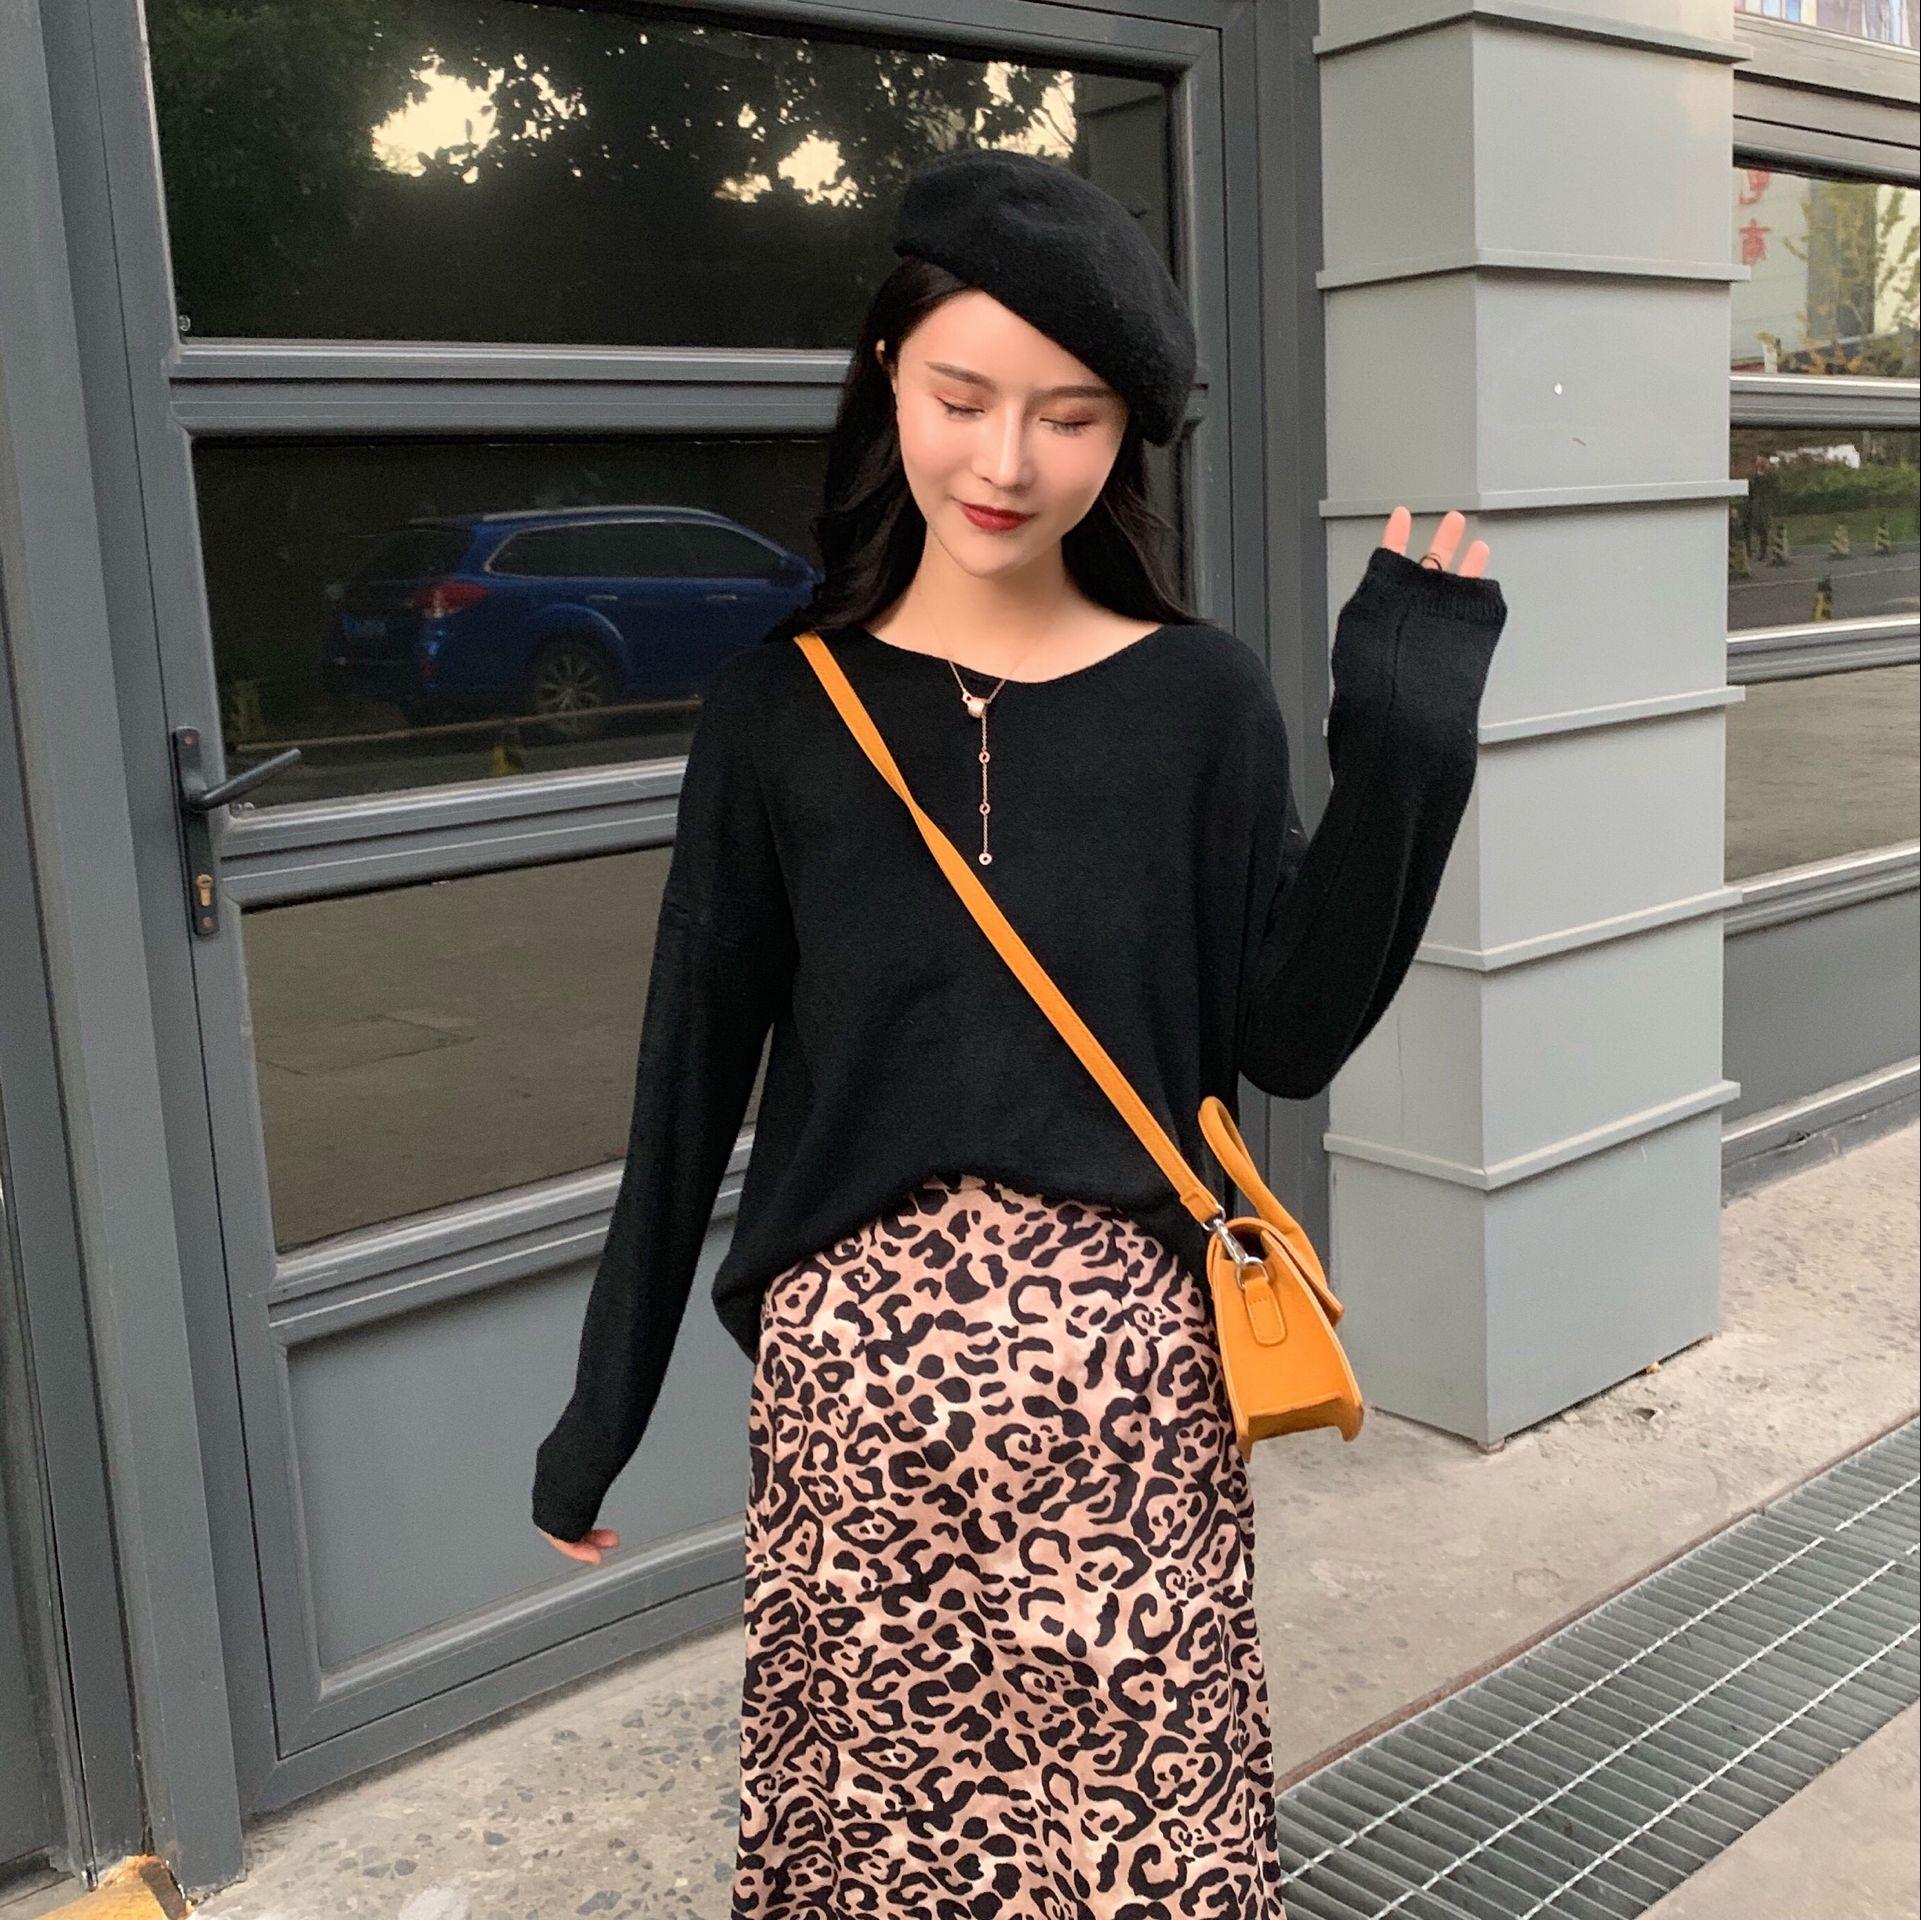 早春显瘦搭配韩版毛衣穿出慵懒范儿